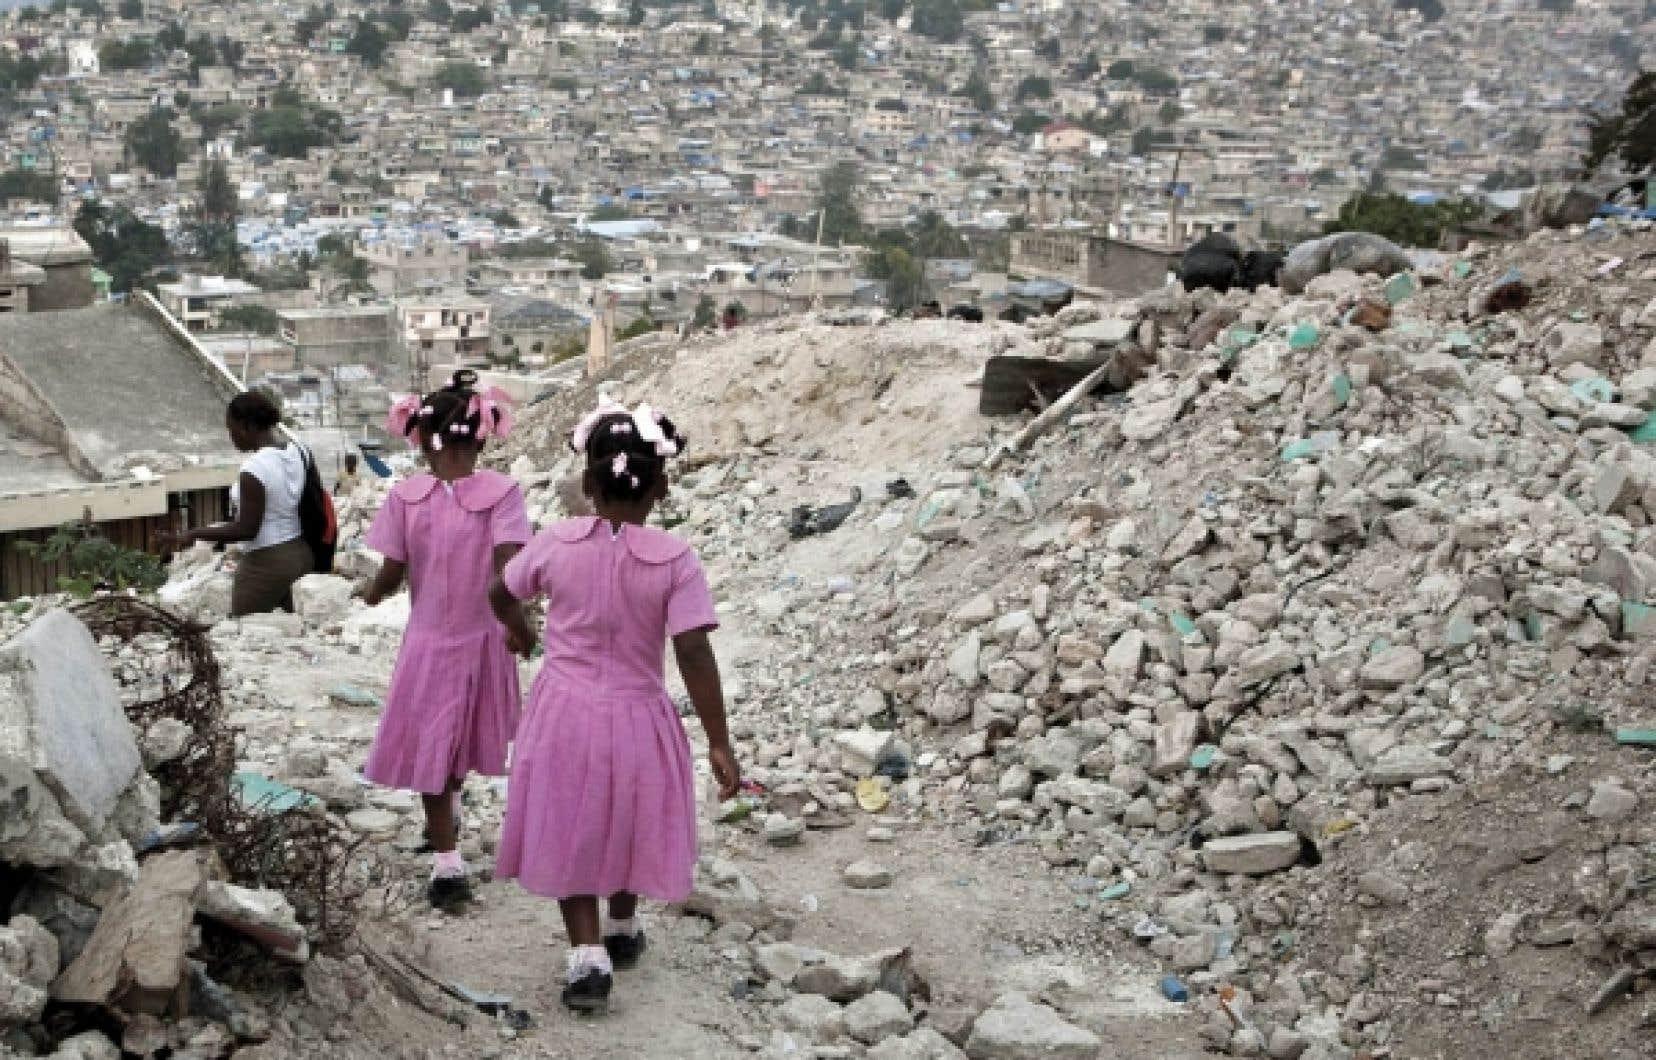 Actif un peu partout à travers le monde, Droits et Démocratie consacrait beaucoup d'énergies en Haïti. Quelques mois avant le tremblement de terre de janvier 2010, l'organisme avait lancé un programme visant le renforcement de la gouvernance démocratique et la promotion des droits de la personne.<br />